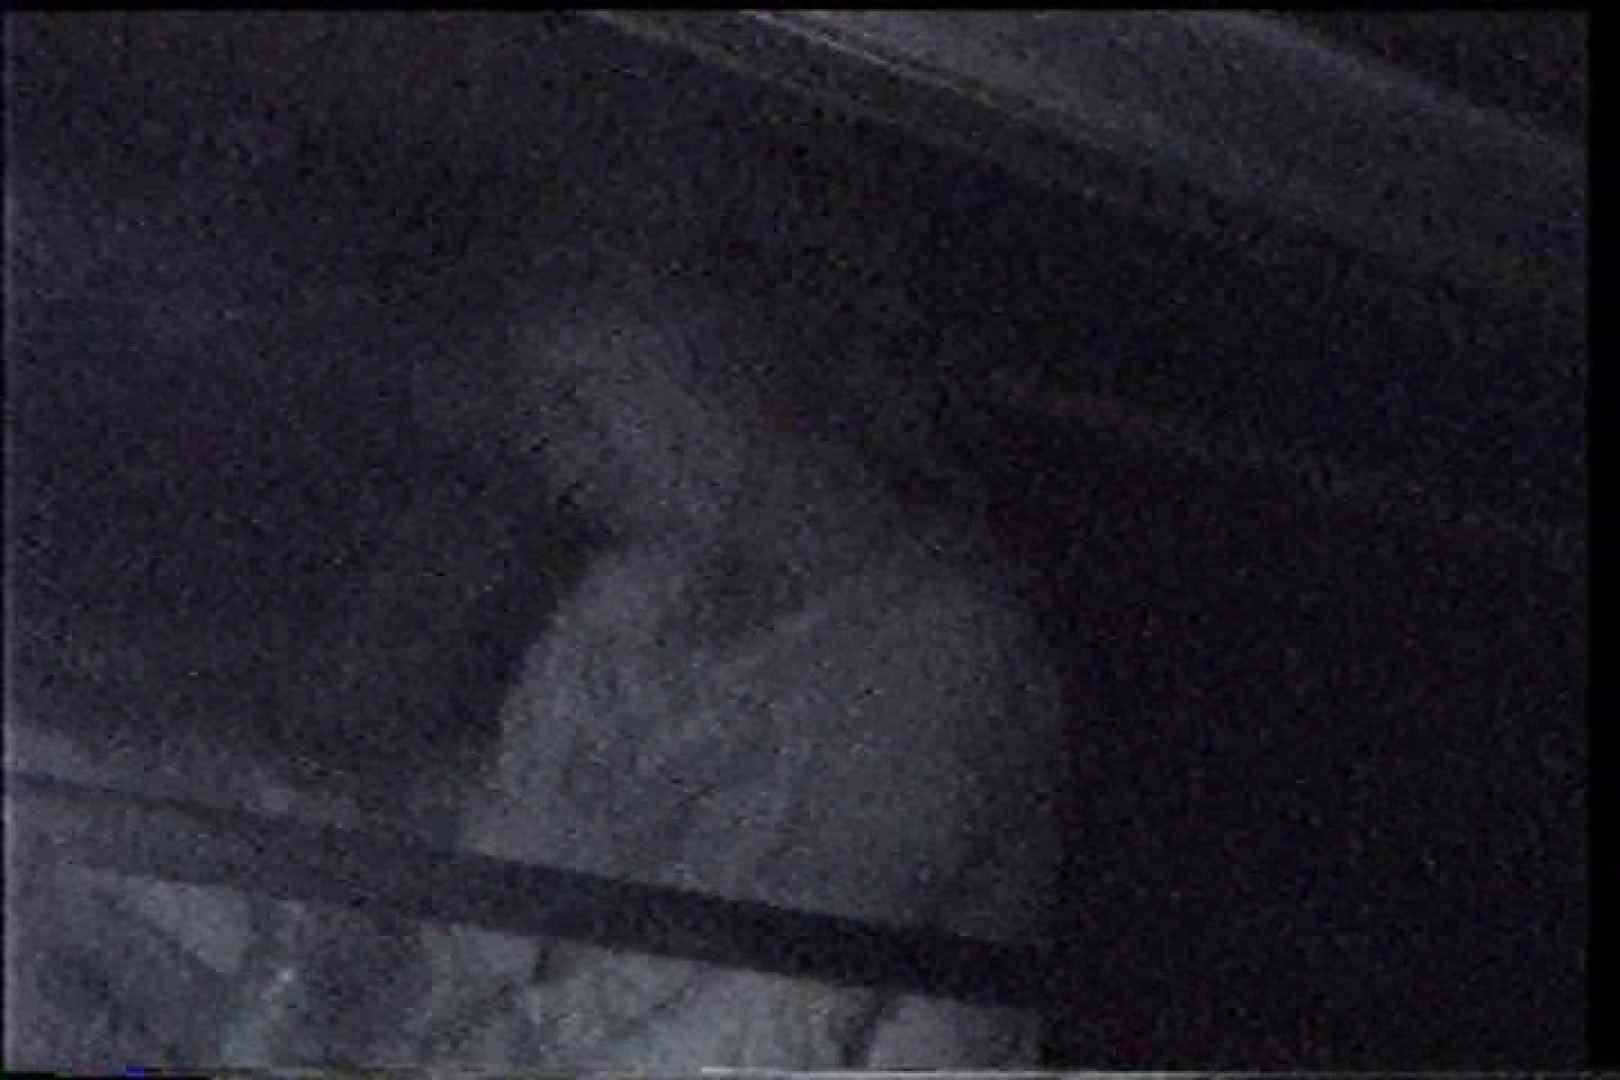 充血監督の深夜の運動会Vol.229 OLセックス 隠し撮りオマンコ動画紹介 92画像 87